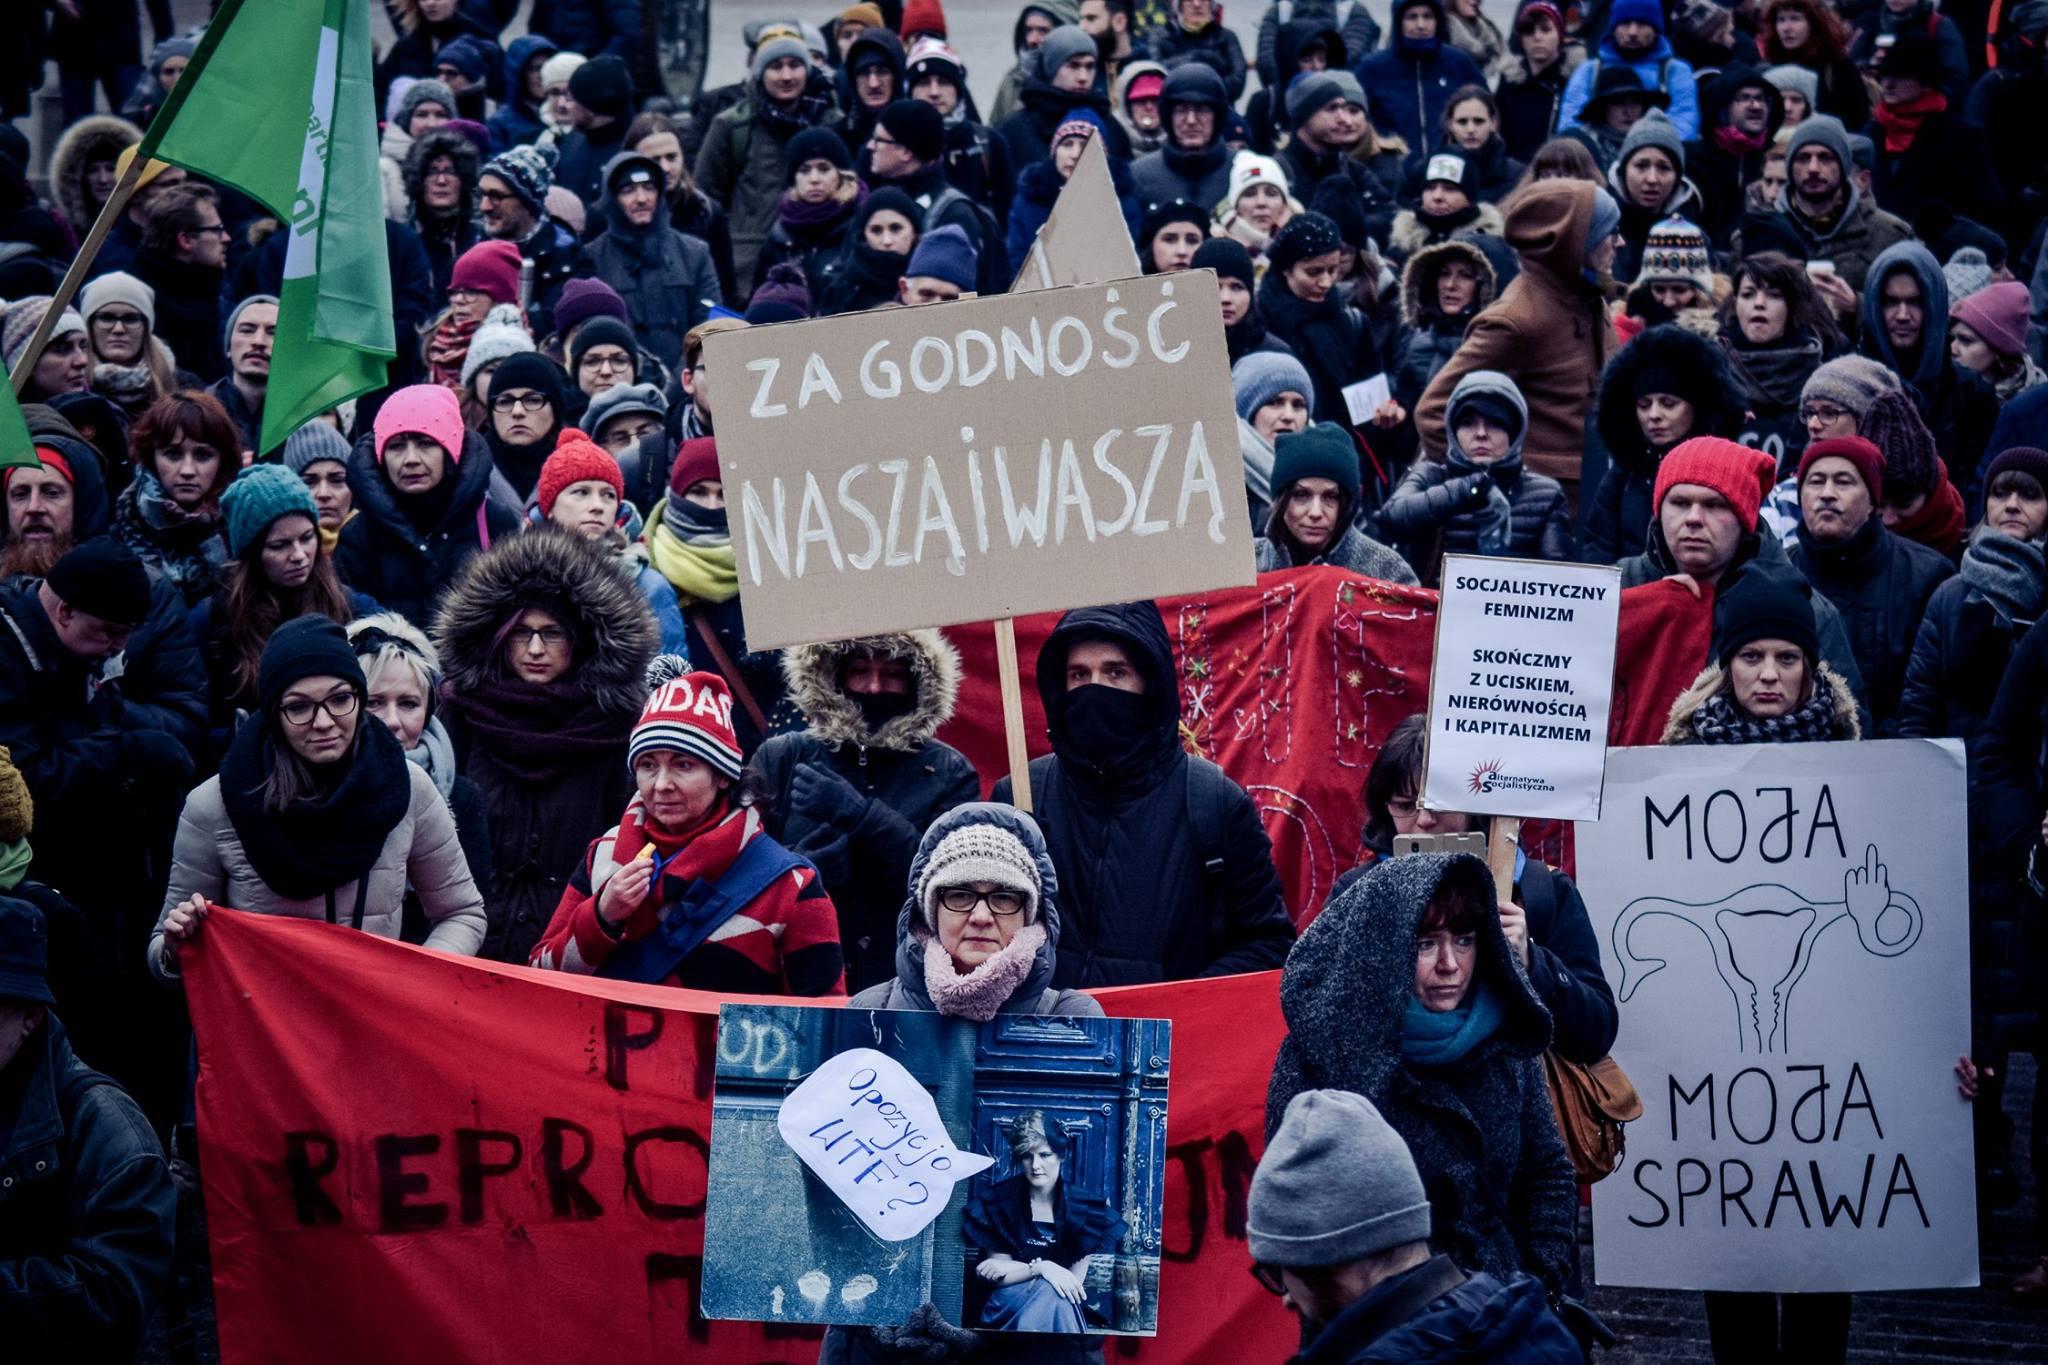 Pologne. La bataille reprend autour du droit à l'avortement